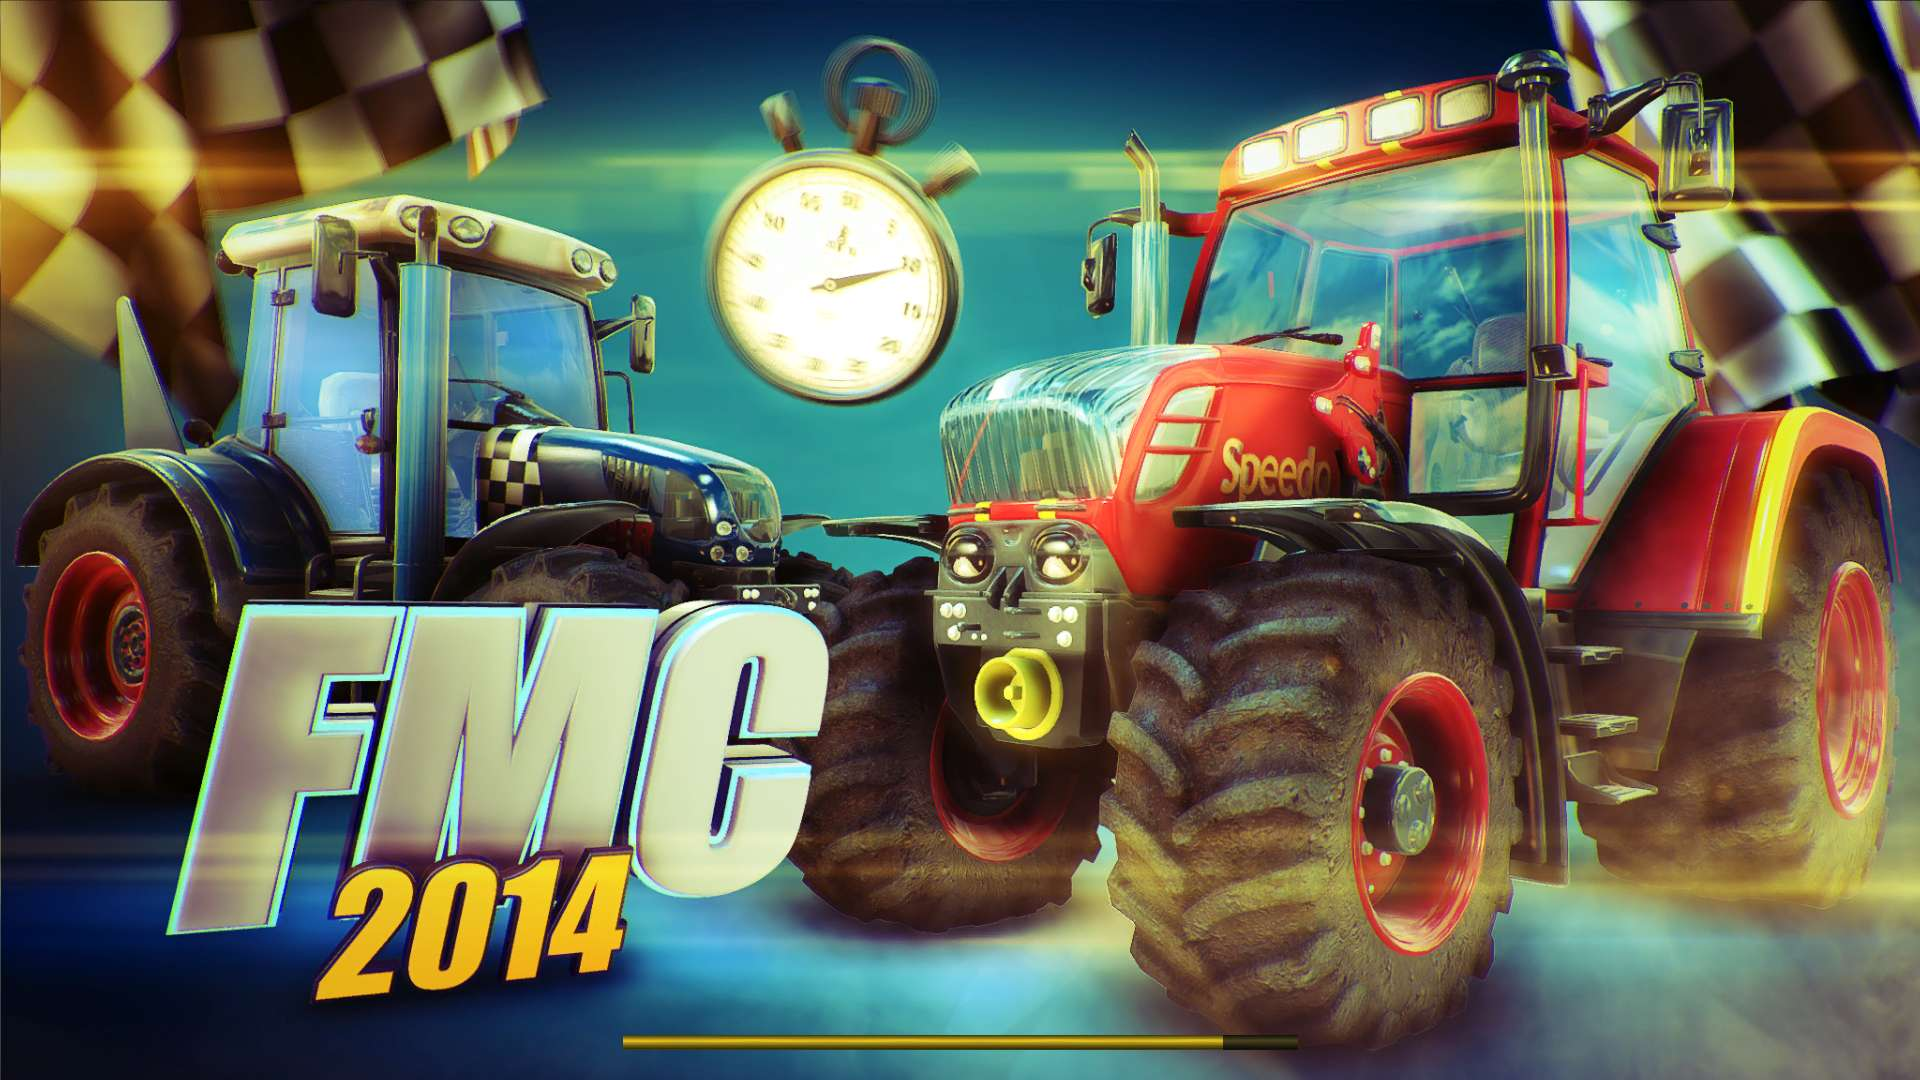 0FMC2014 2014-02-14 12-38-00-90